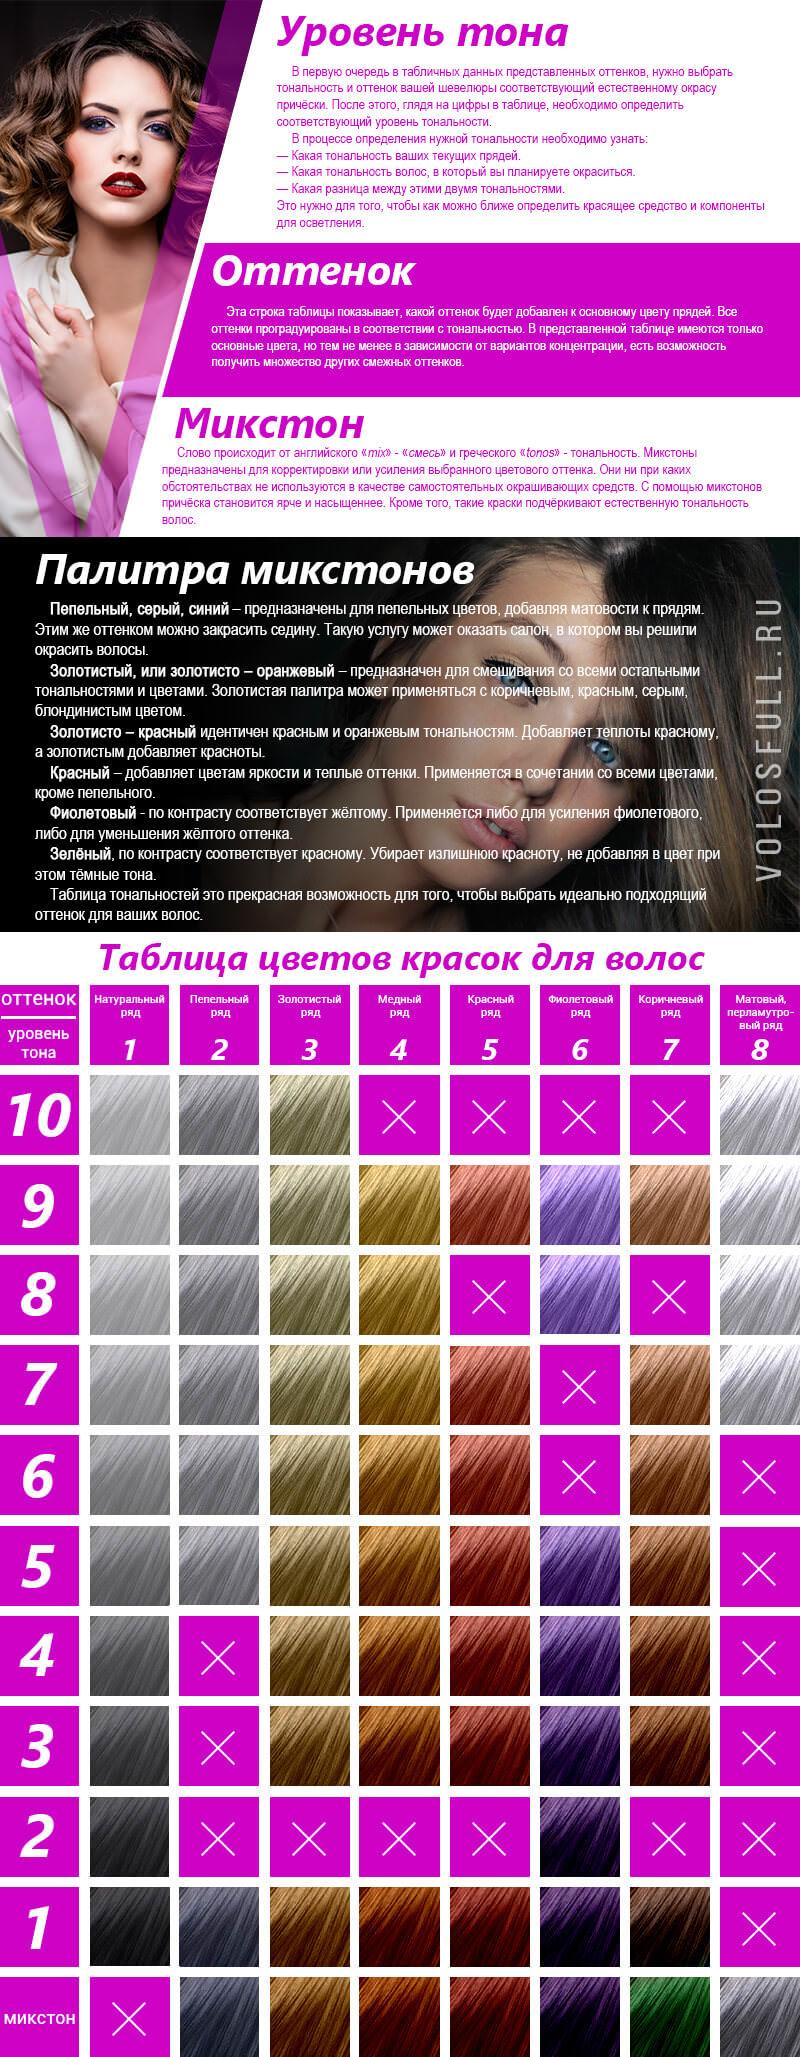 Таблица цветов краски для волос